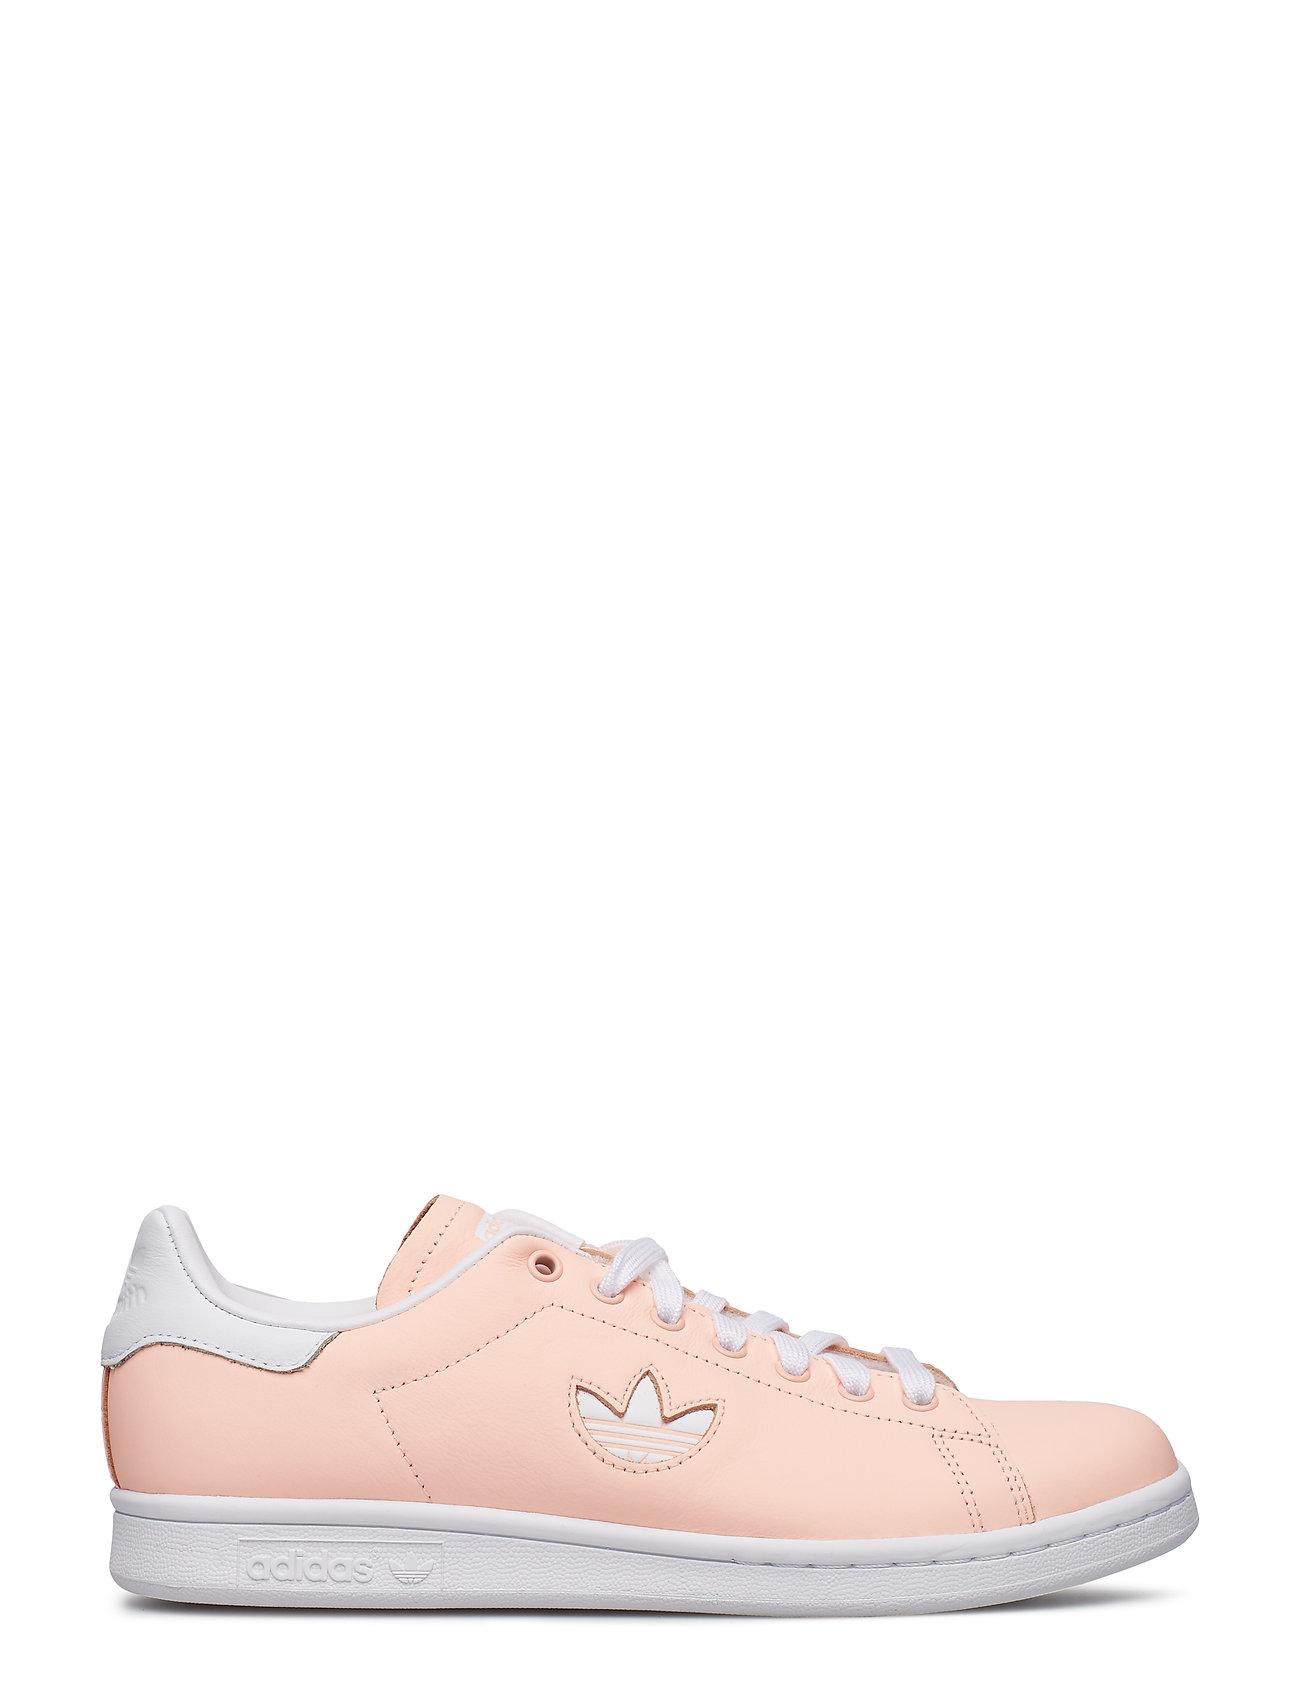 Køb ADIDAS STAN SMITH Her Salg af Sneakers til kvinder